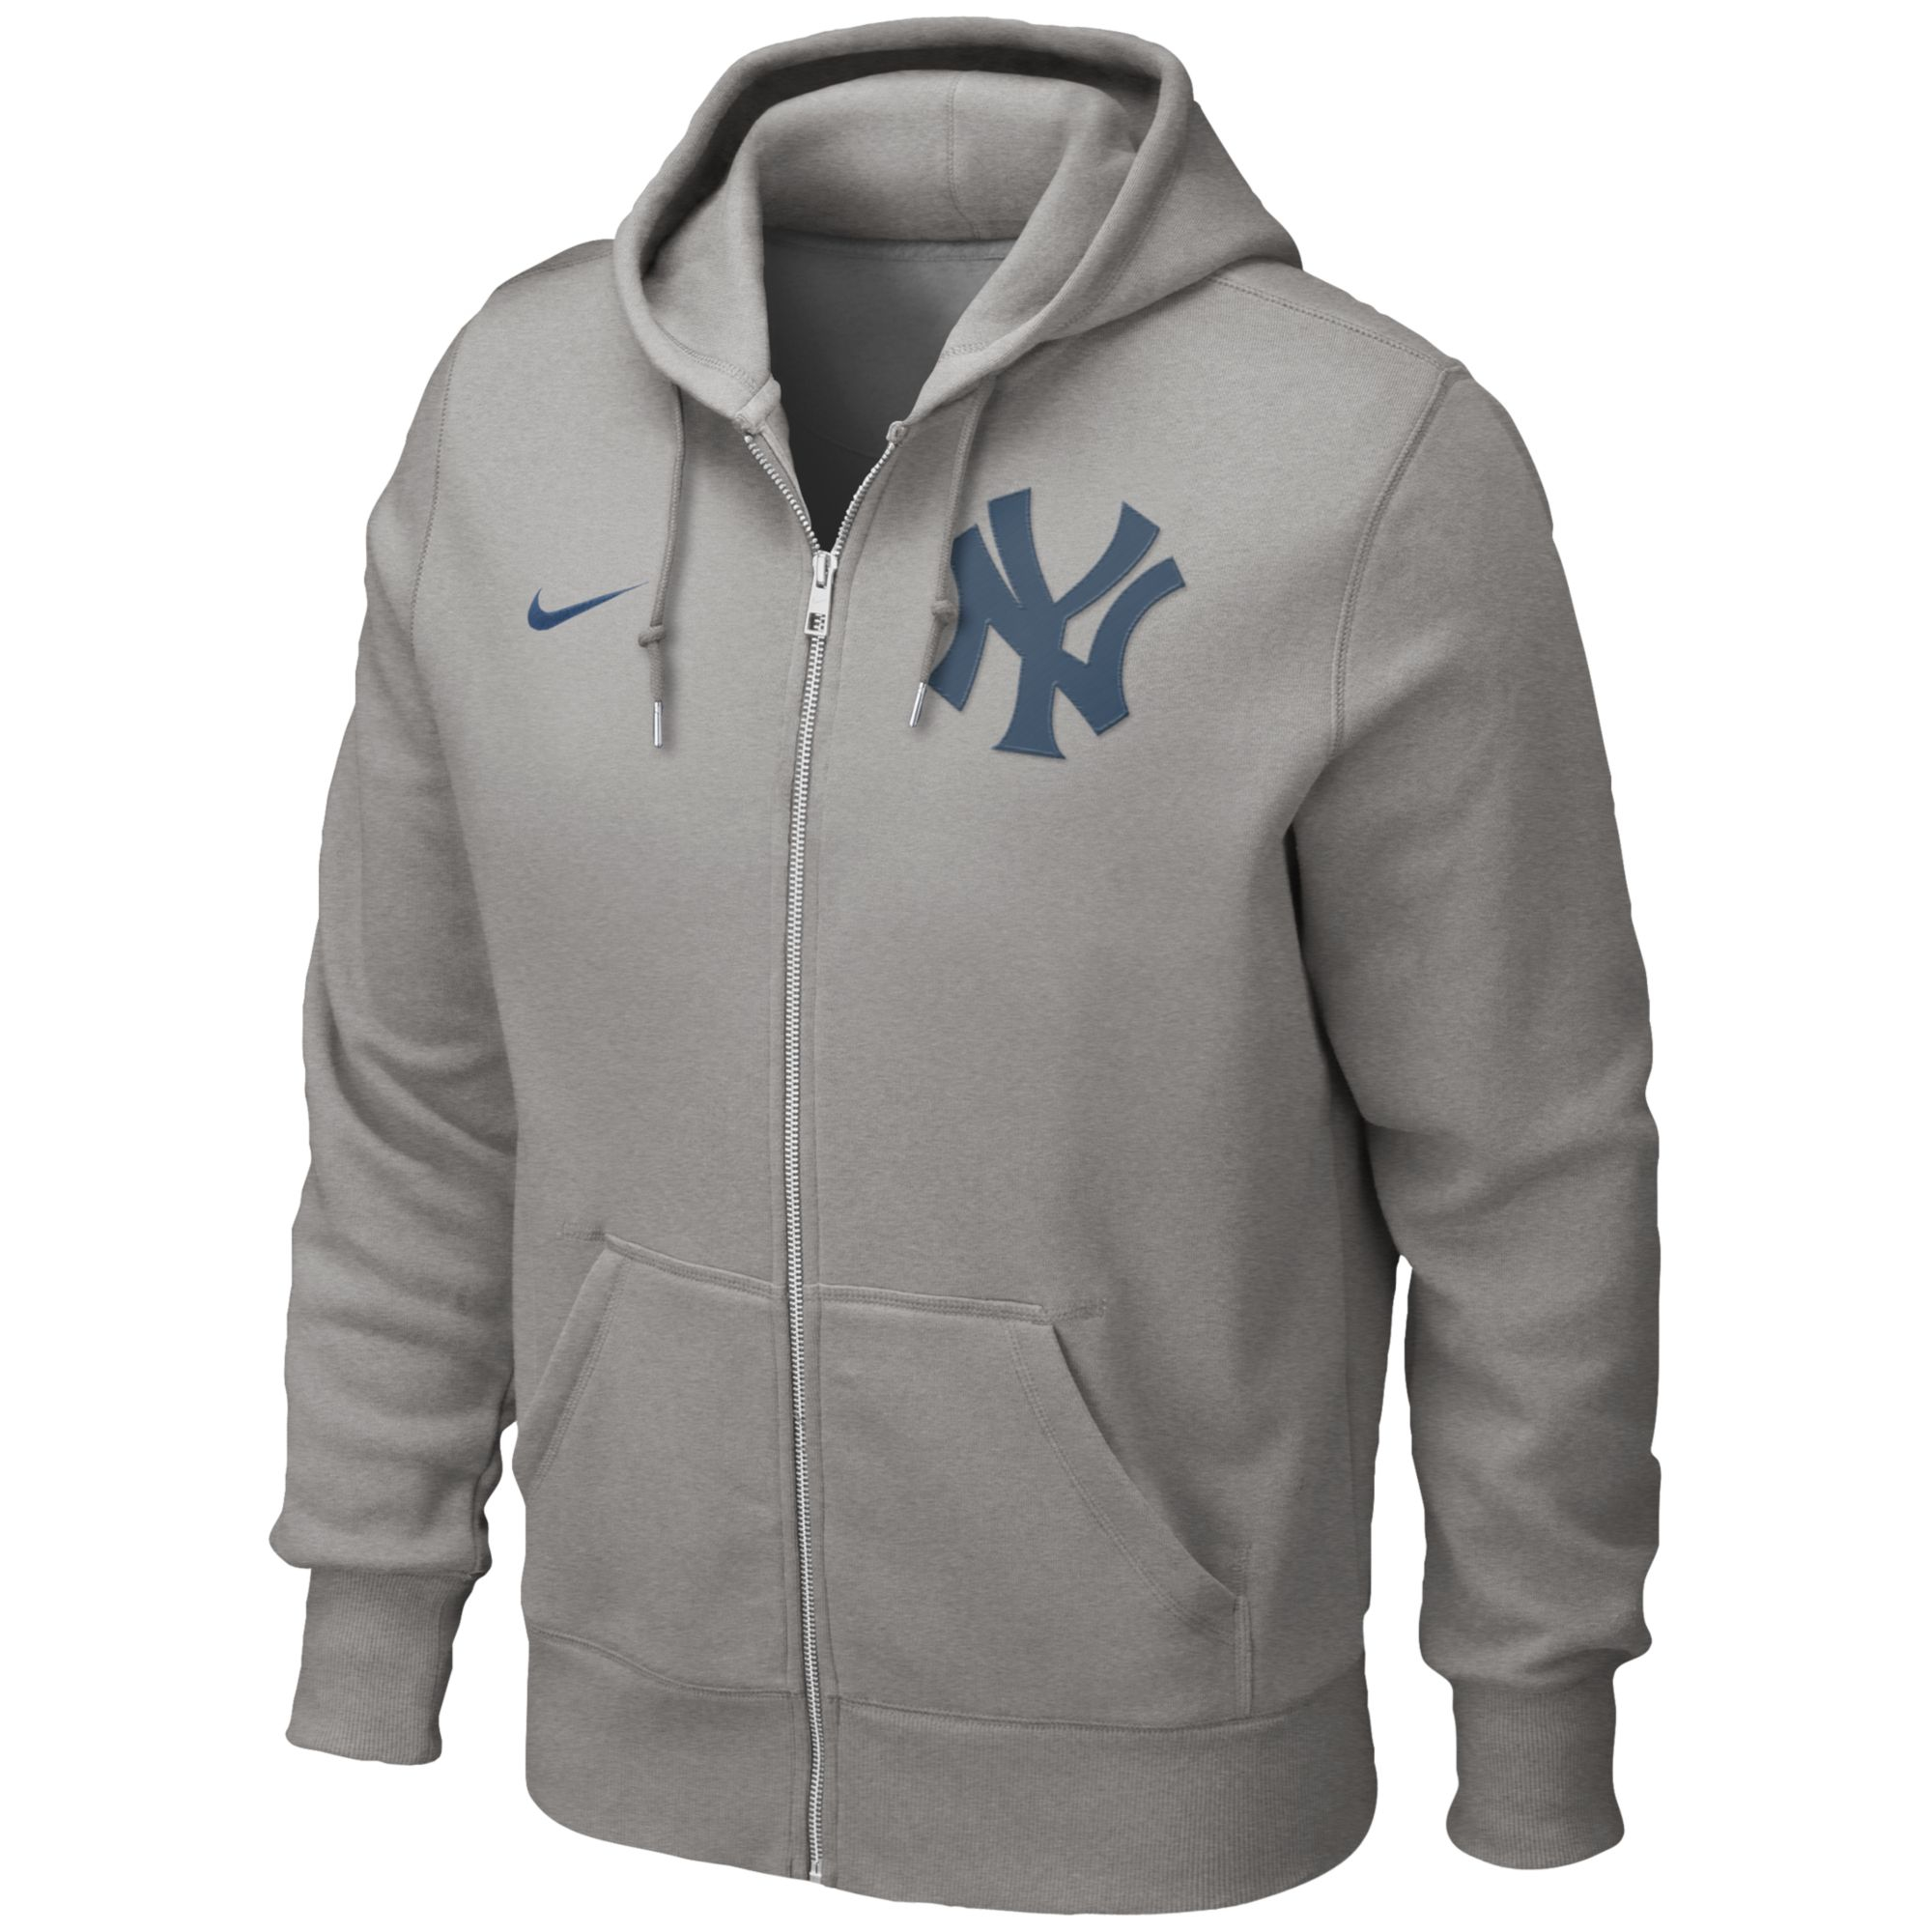 Yankees hoodies